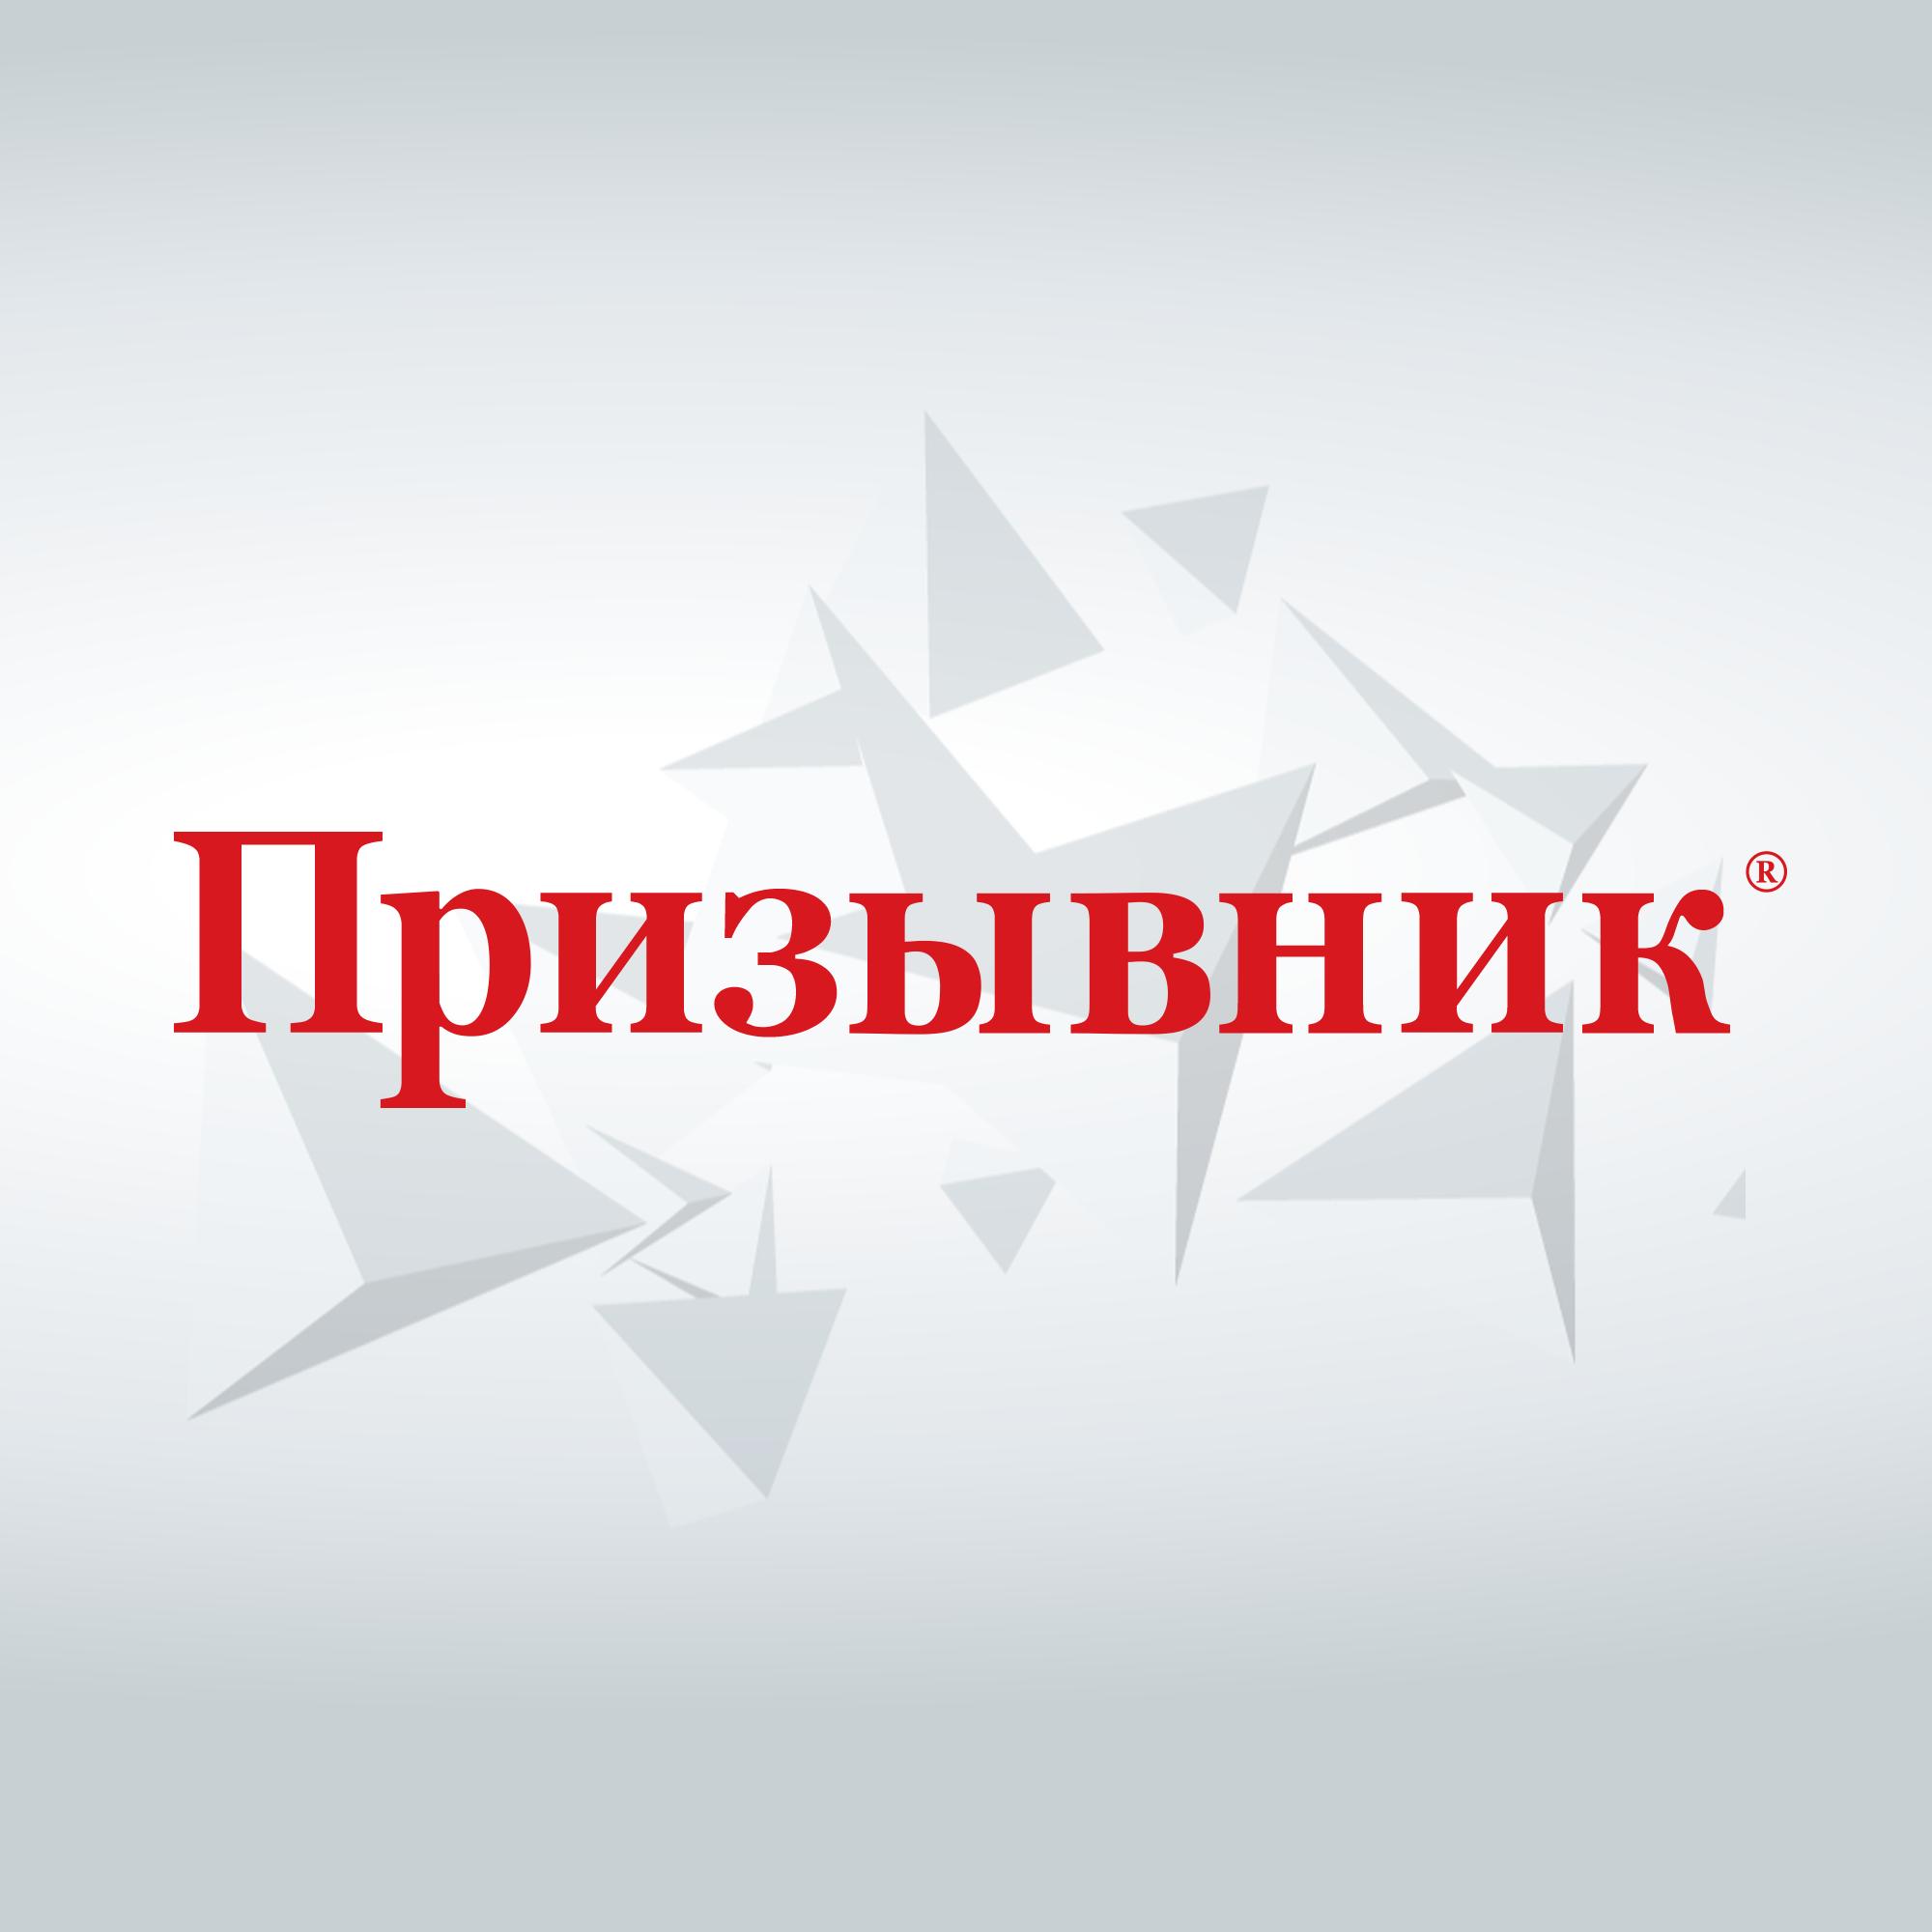 юридическая консультация по вопросам военкомата